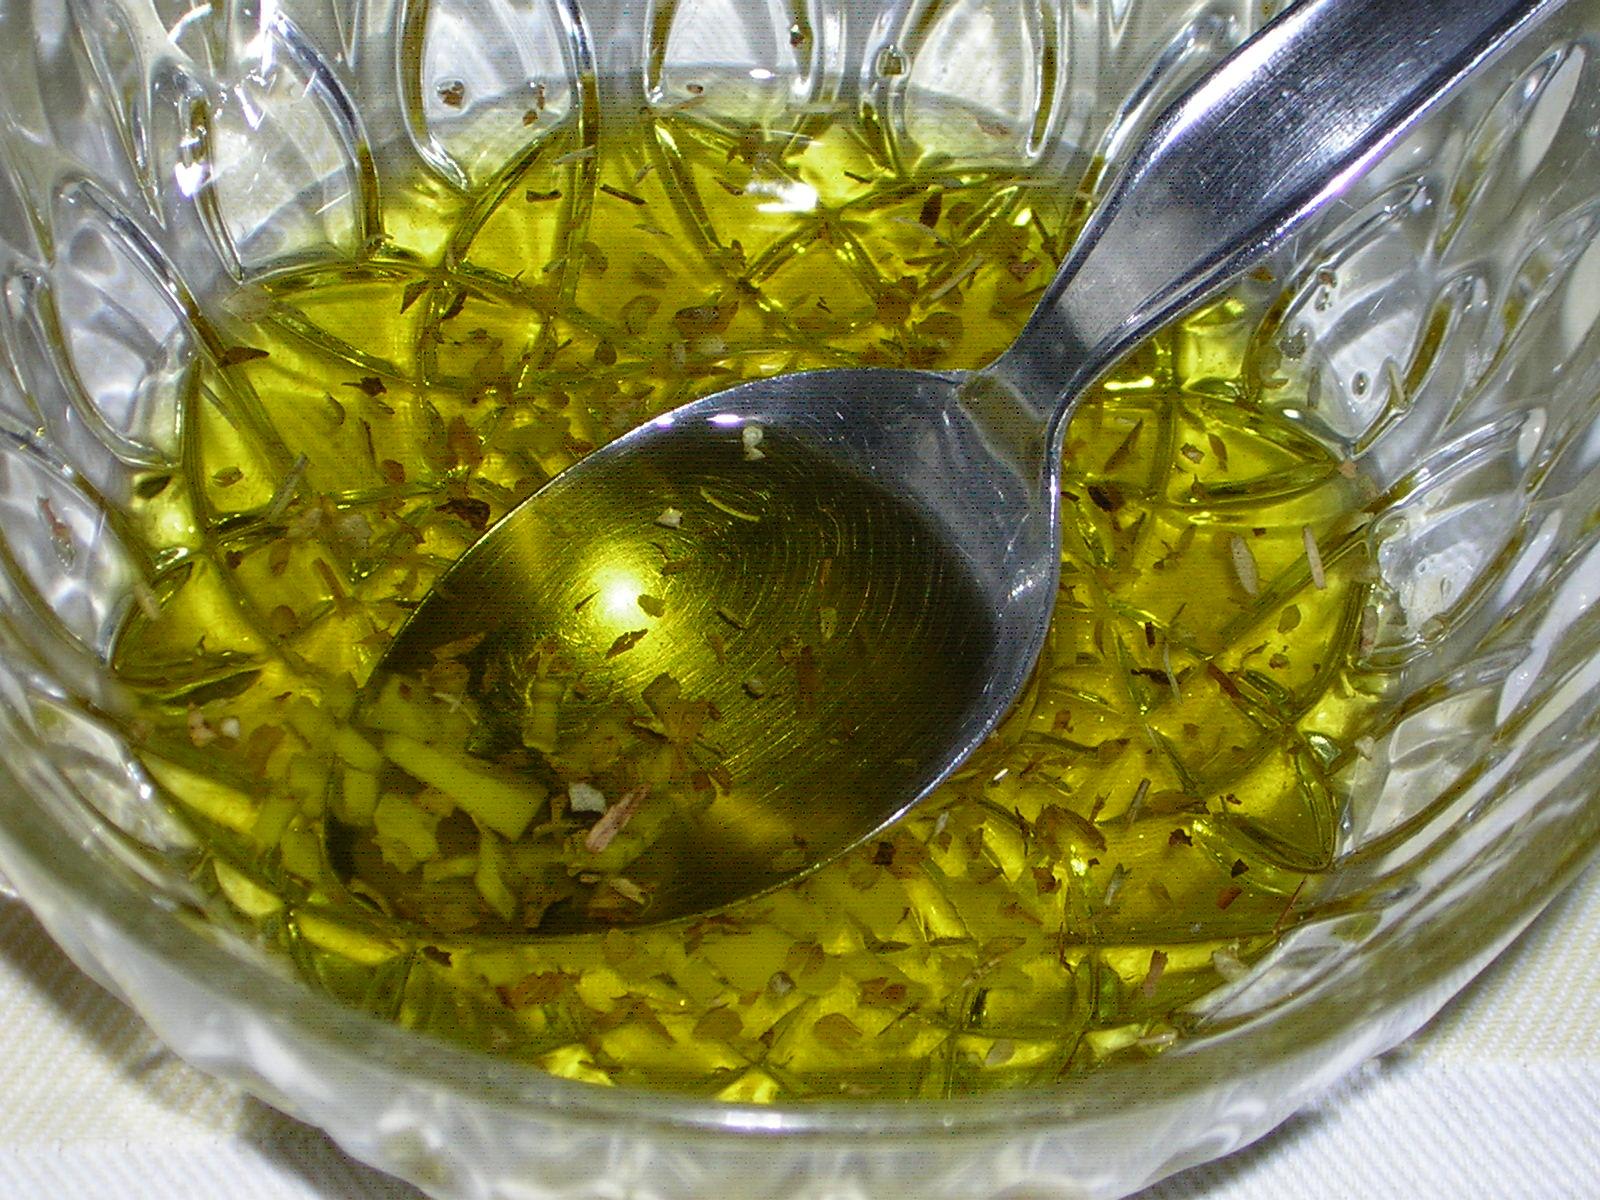 olio aromatizzato per condire le melanzane al forno semplici